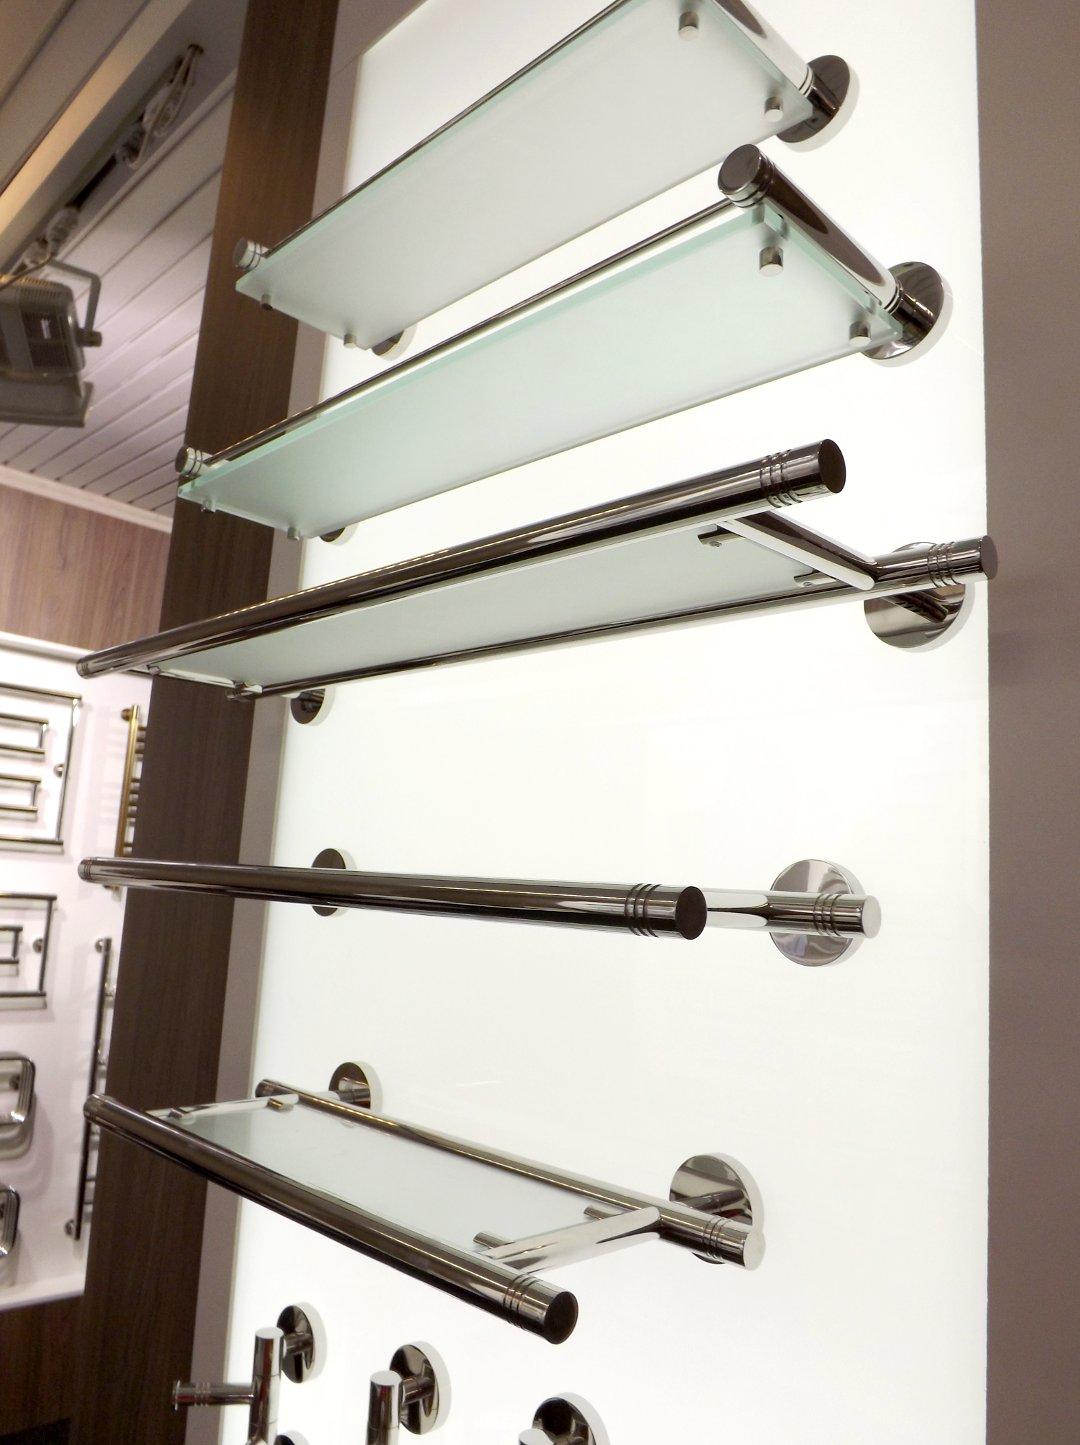 Полочки для ванной из стекла и нержавейки от бренда Сунержа, представленные на выставке MosBuild 2017 в Москве